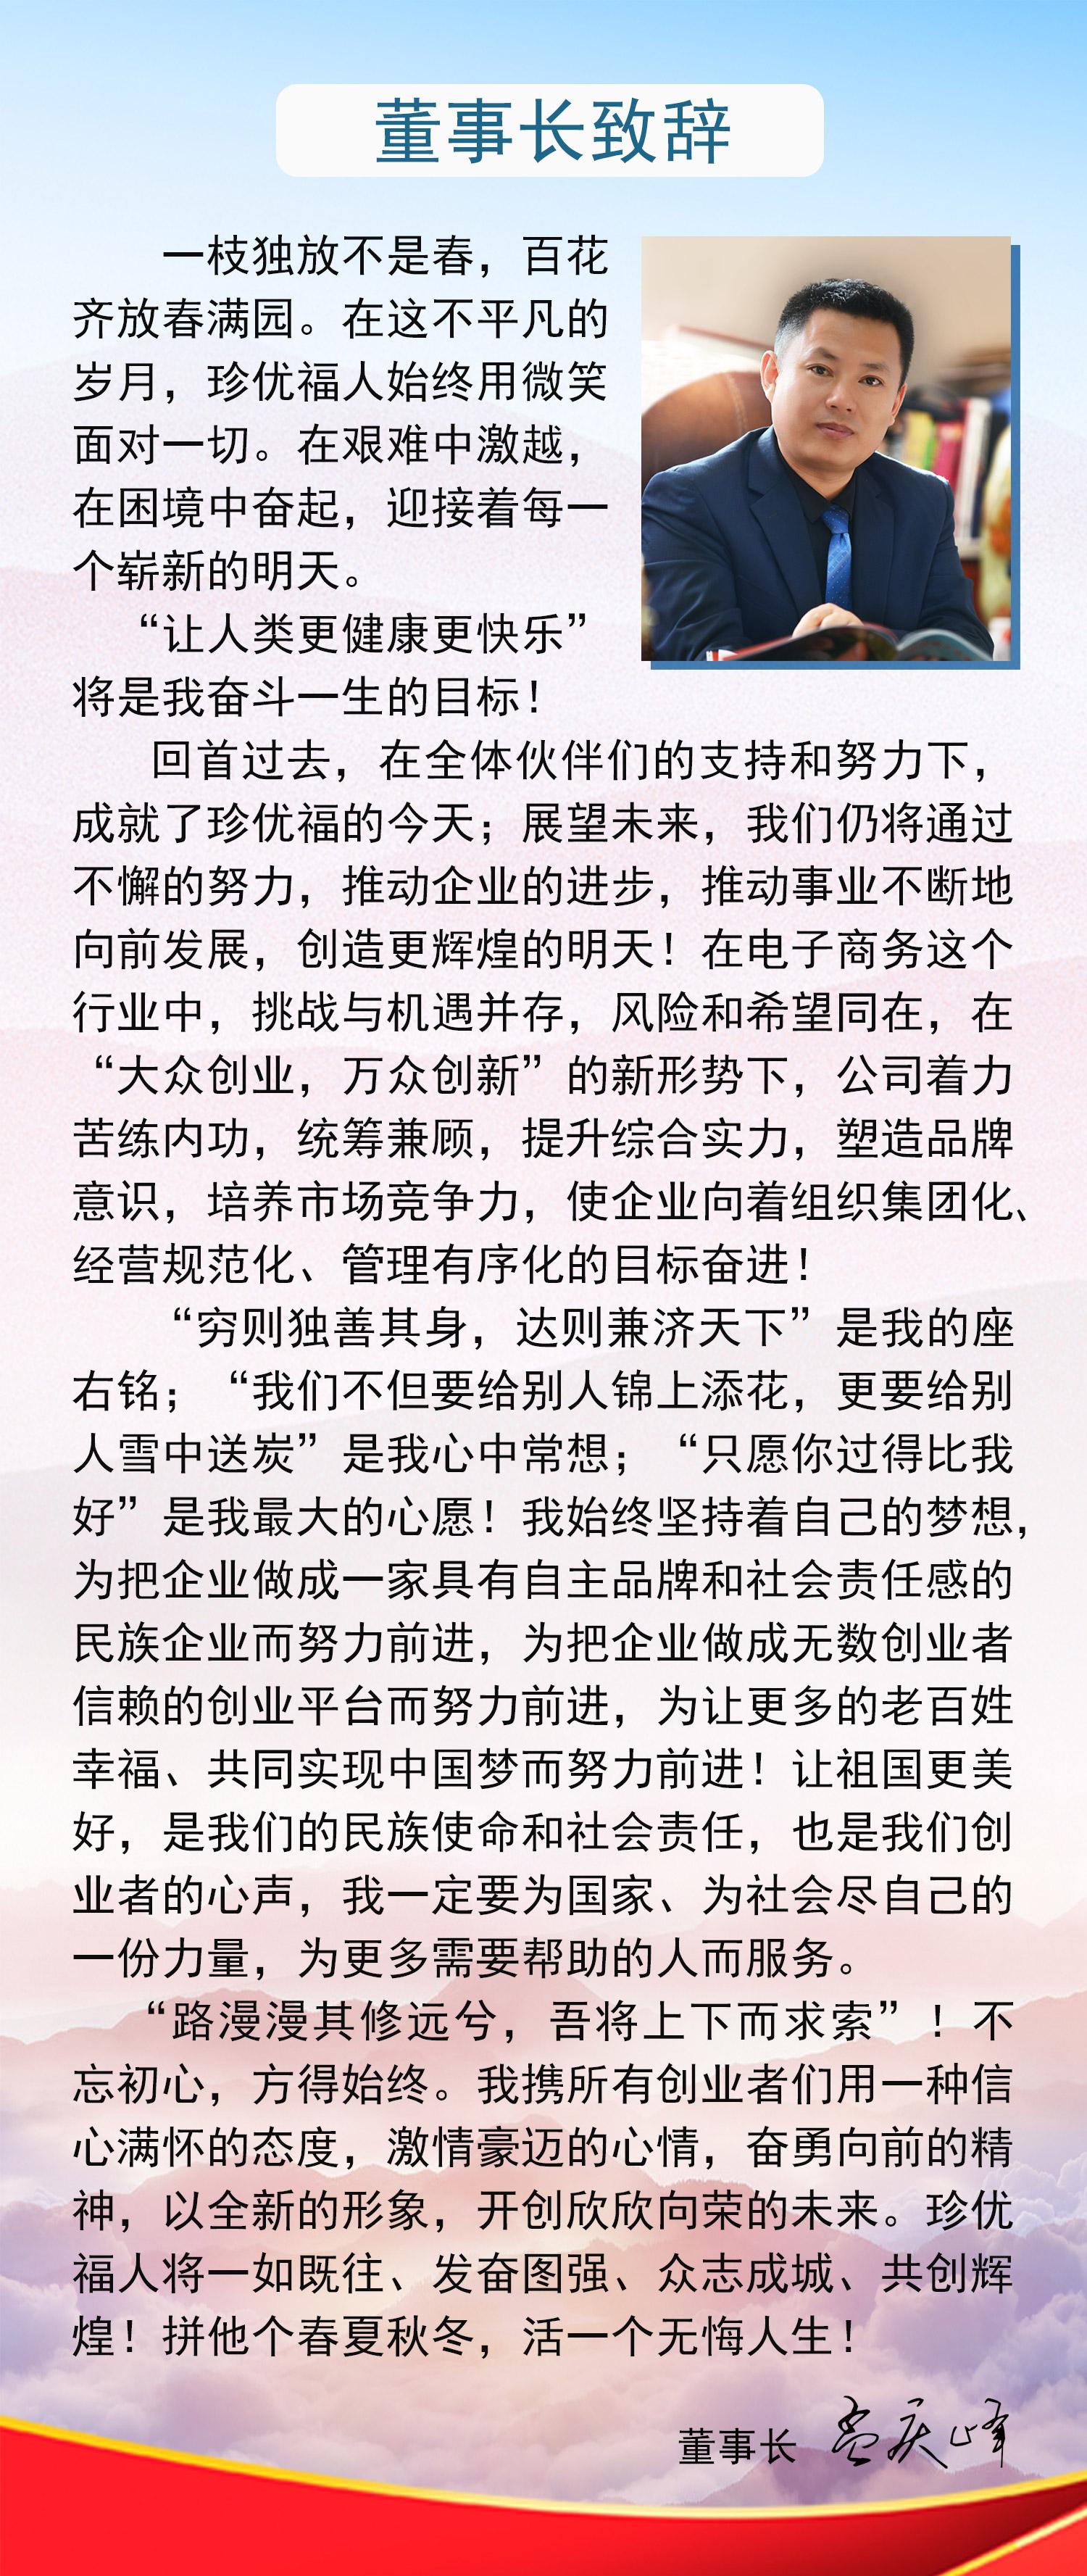 http://image.zhenyoufu.com.cn/shop/article/06711082920758758.jpg